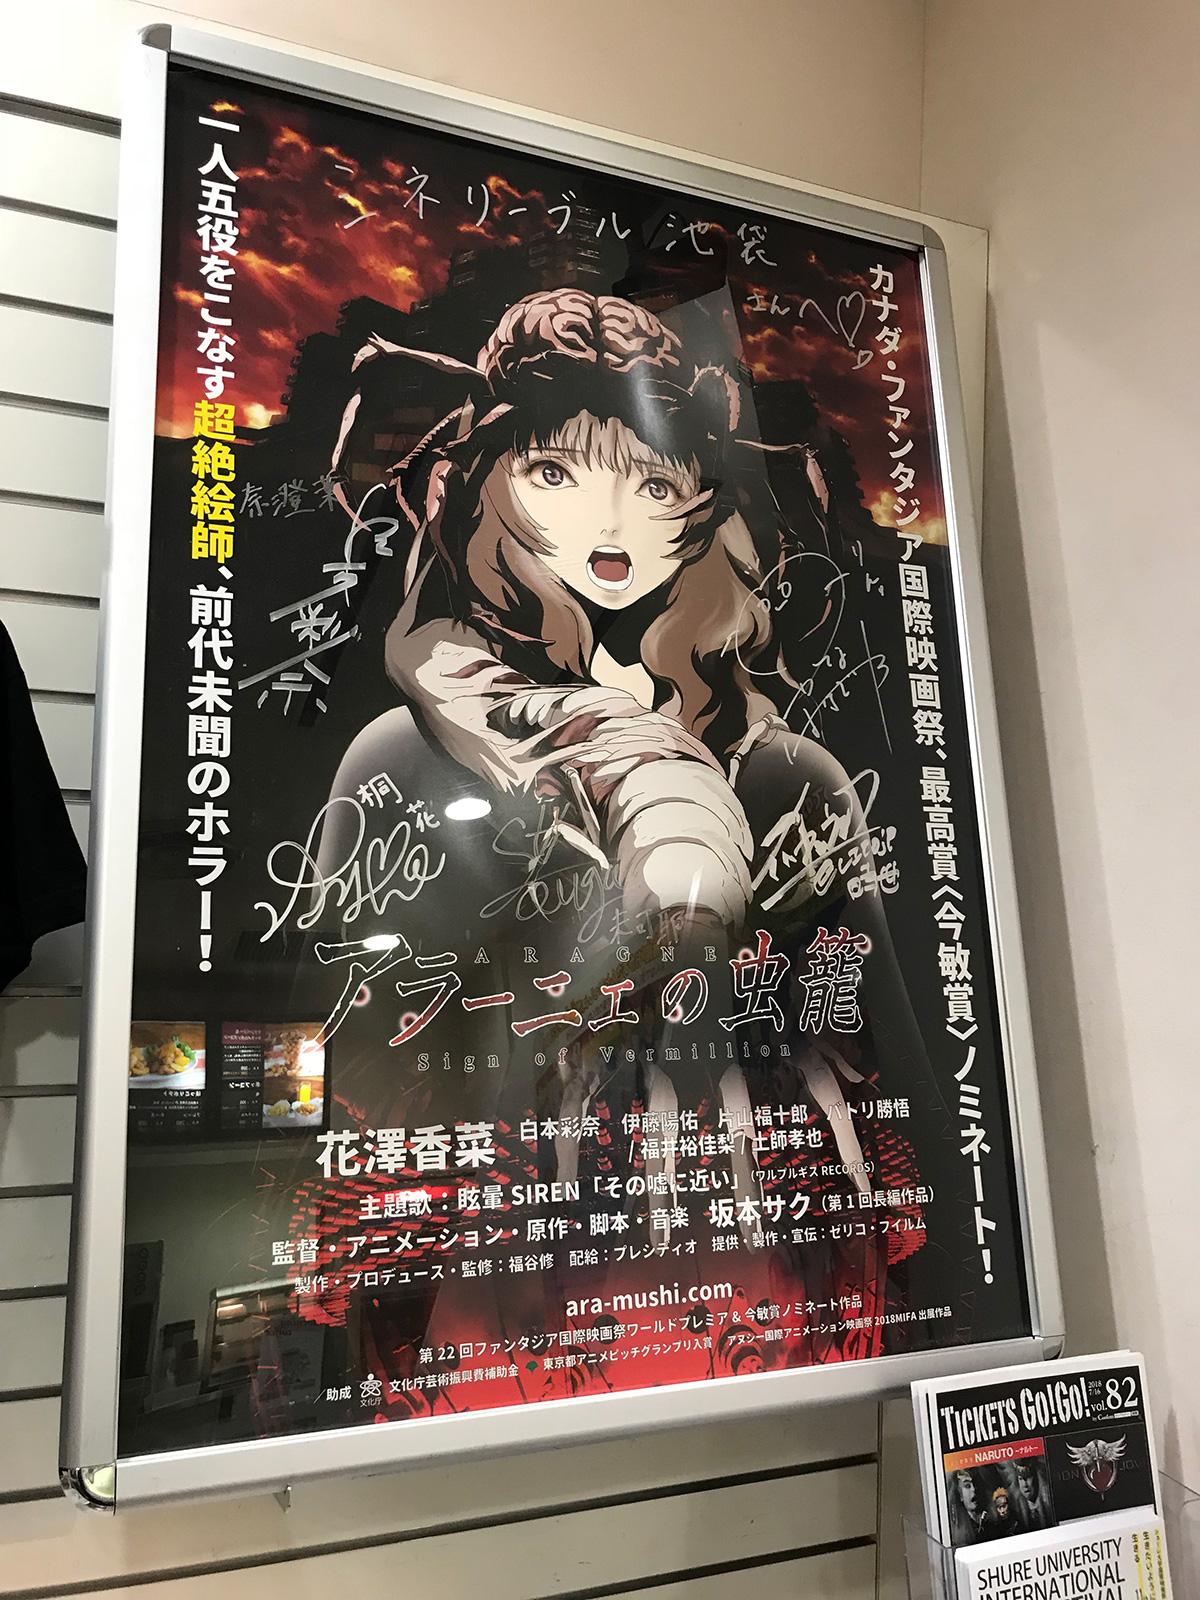 シネ・リーブル池袋の売店に展示された、出演声優のサイン入りポスター。